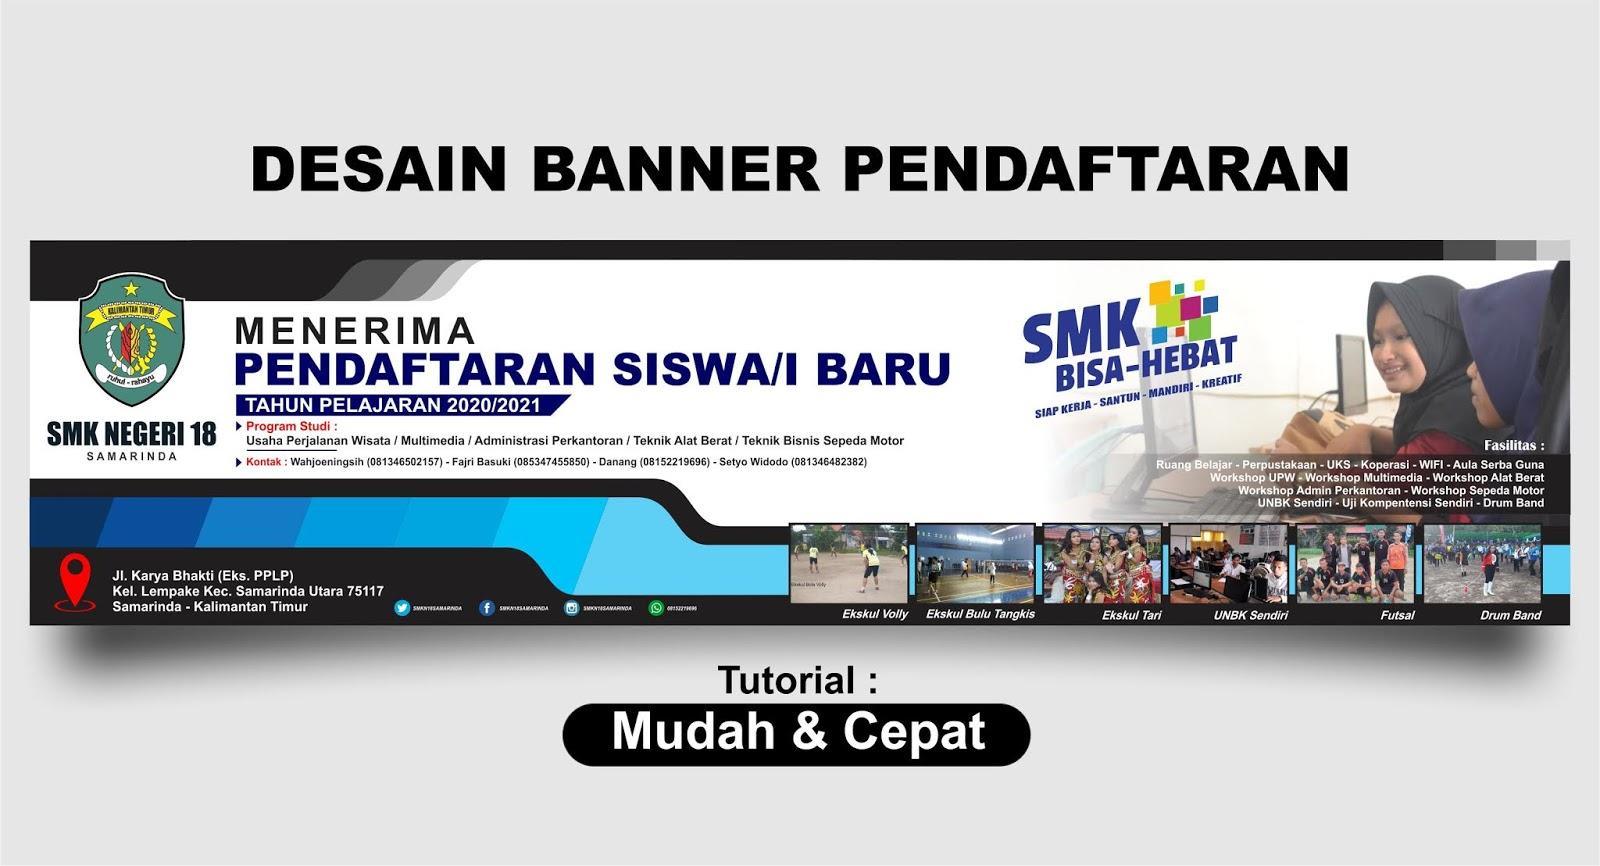 Contoh Banner Ppdb Sma Terbaru - desain spanduk keren